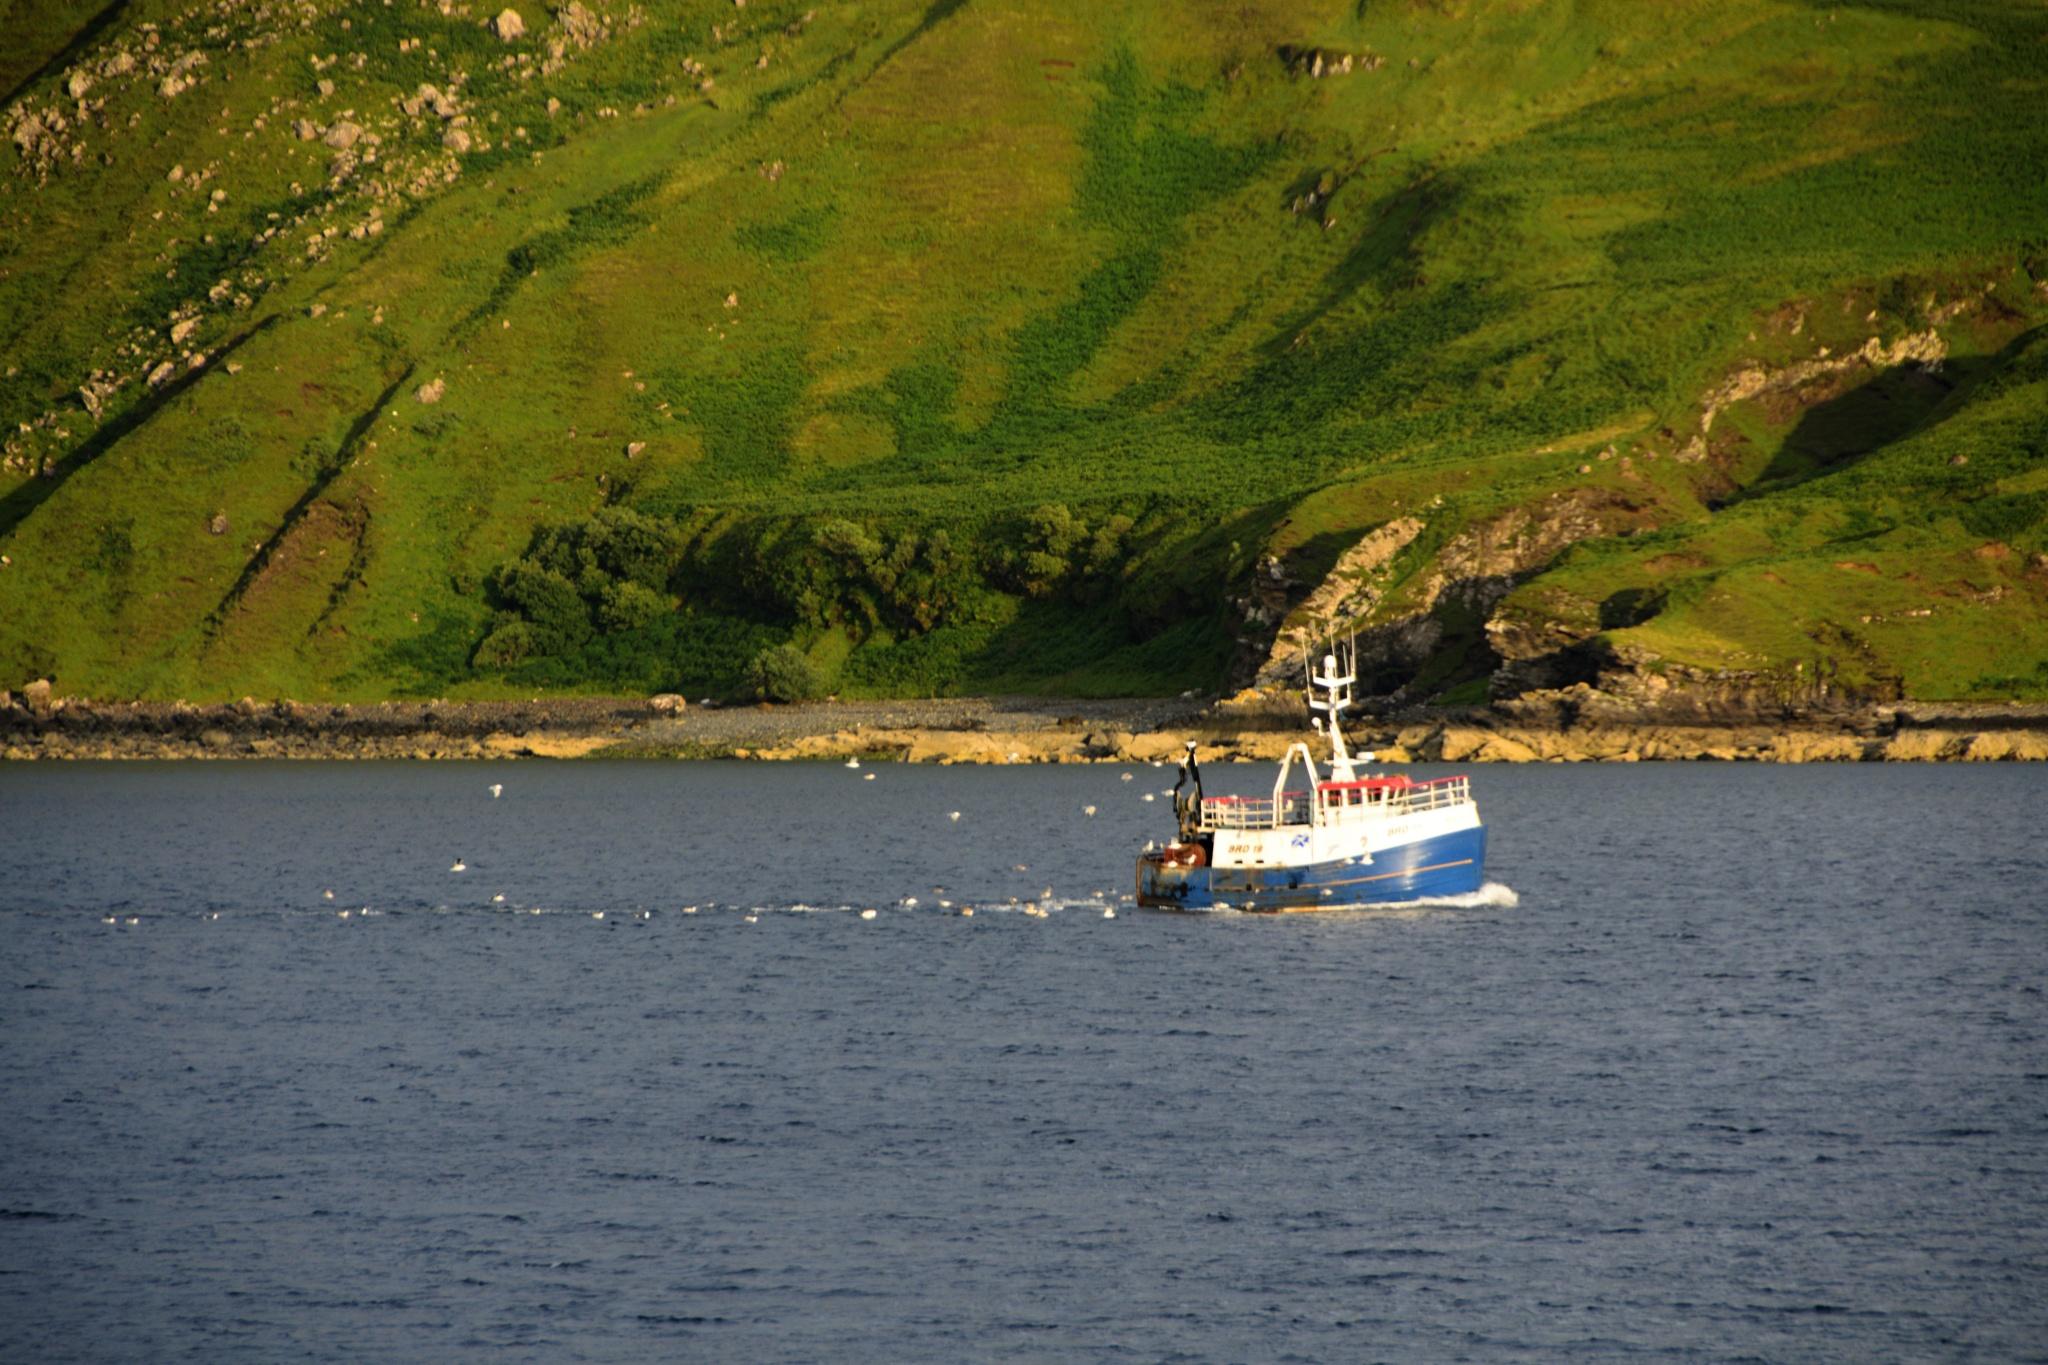 Rybářská loď se vrací do přístavu Portree